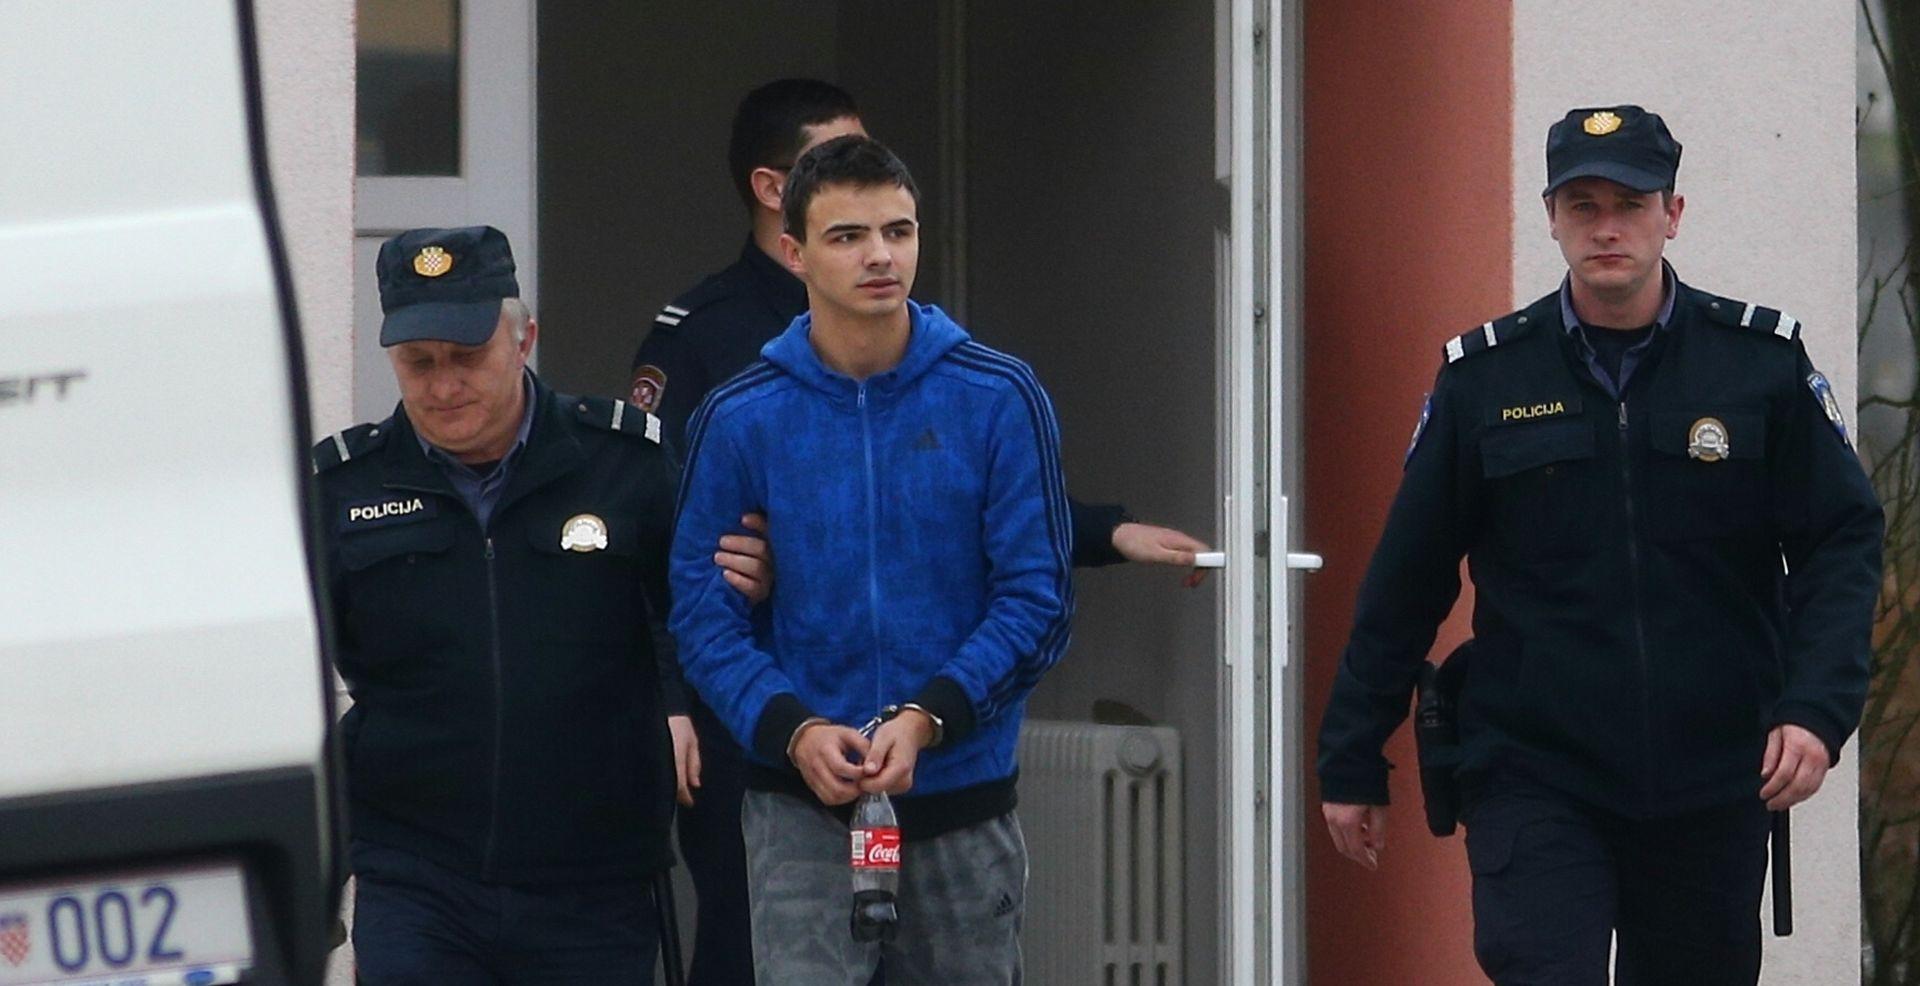 UBOJSTVO 19-GODIŠNJE KRISTINE Istražni zatvor za Davida Komšića